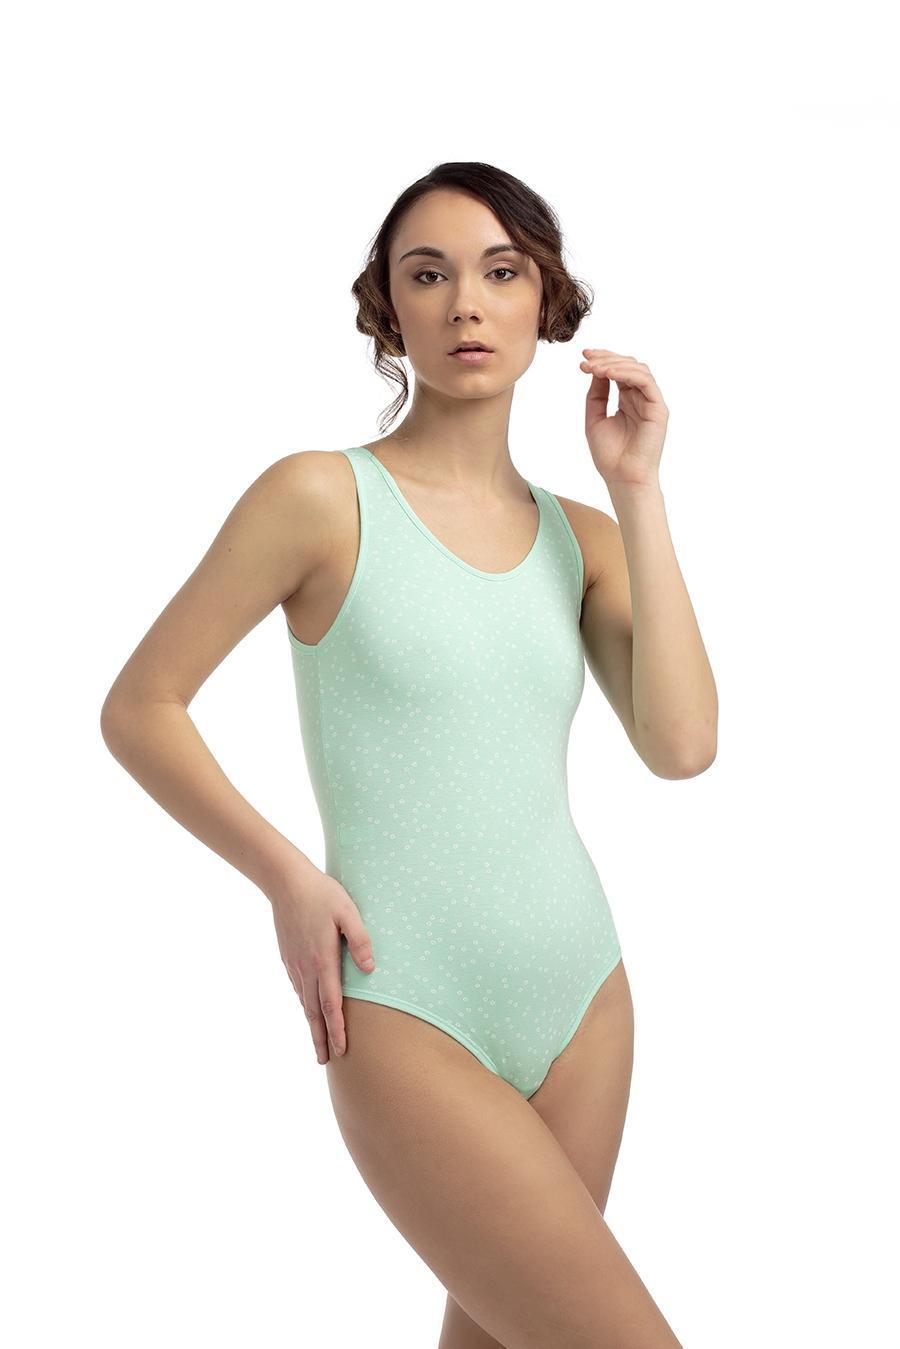 ART.B101 Body spalla larga, retro brasiliana, cotone modal, chiusura con bottoni automatici